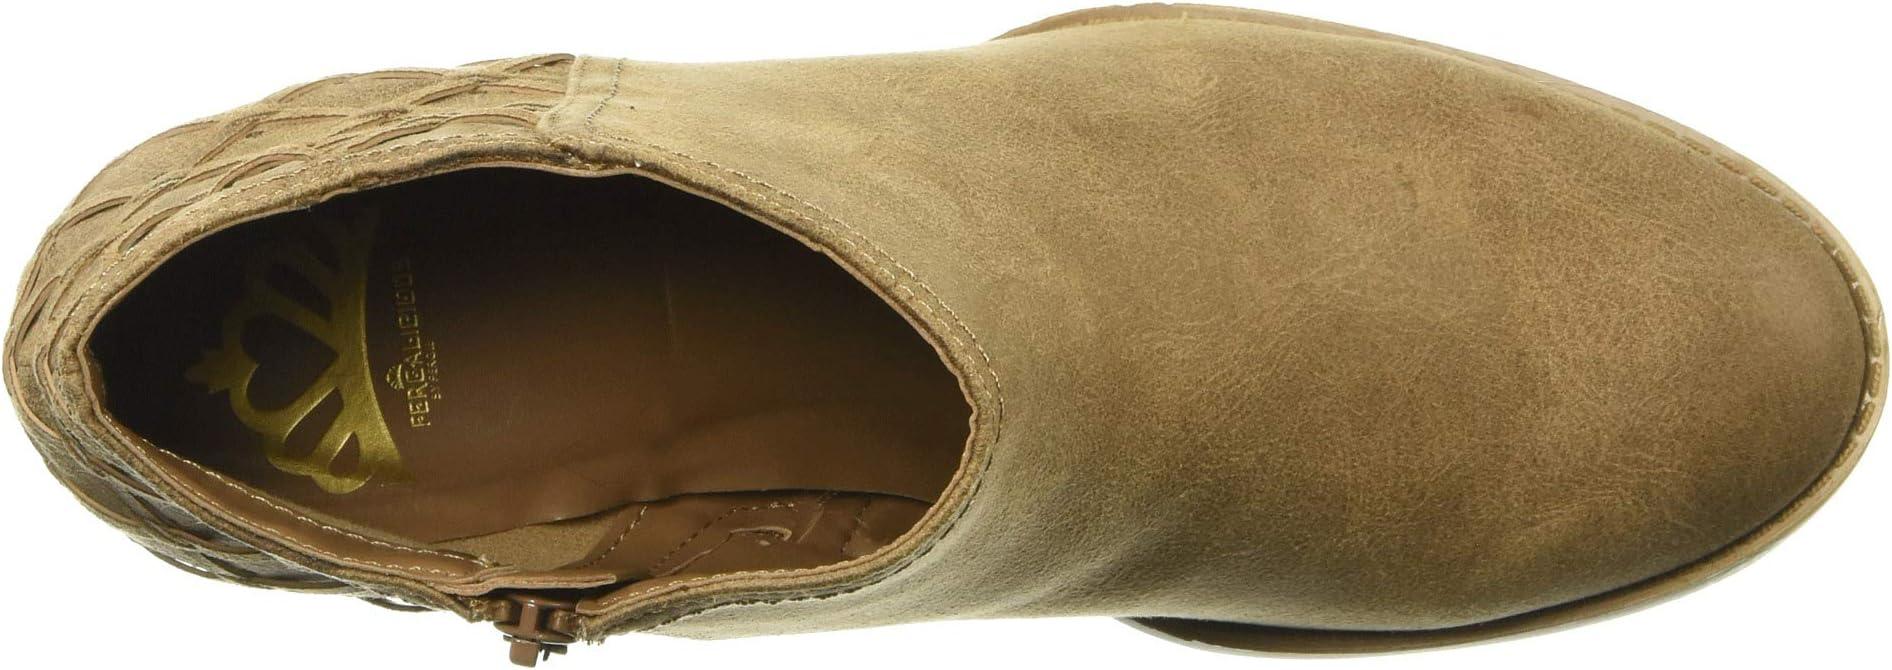 Fergalicious Durango   Women's shoes   2020 Newest